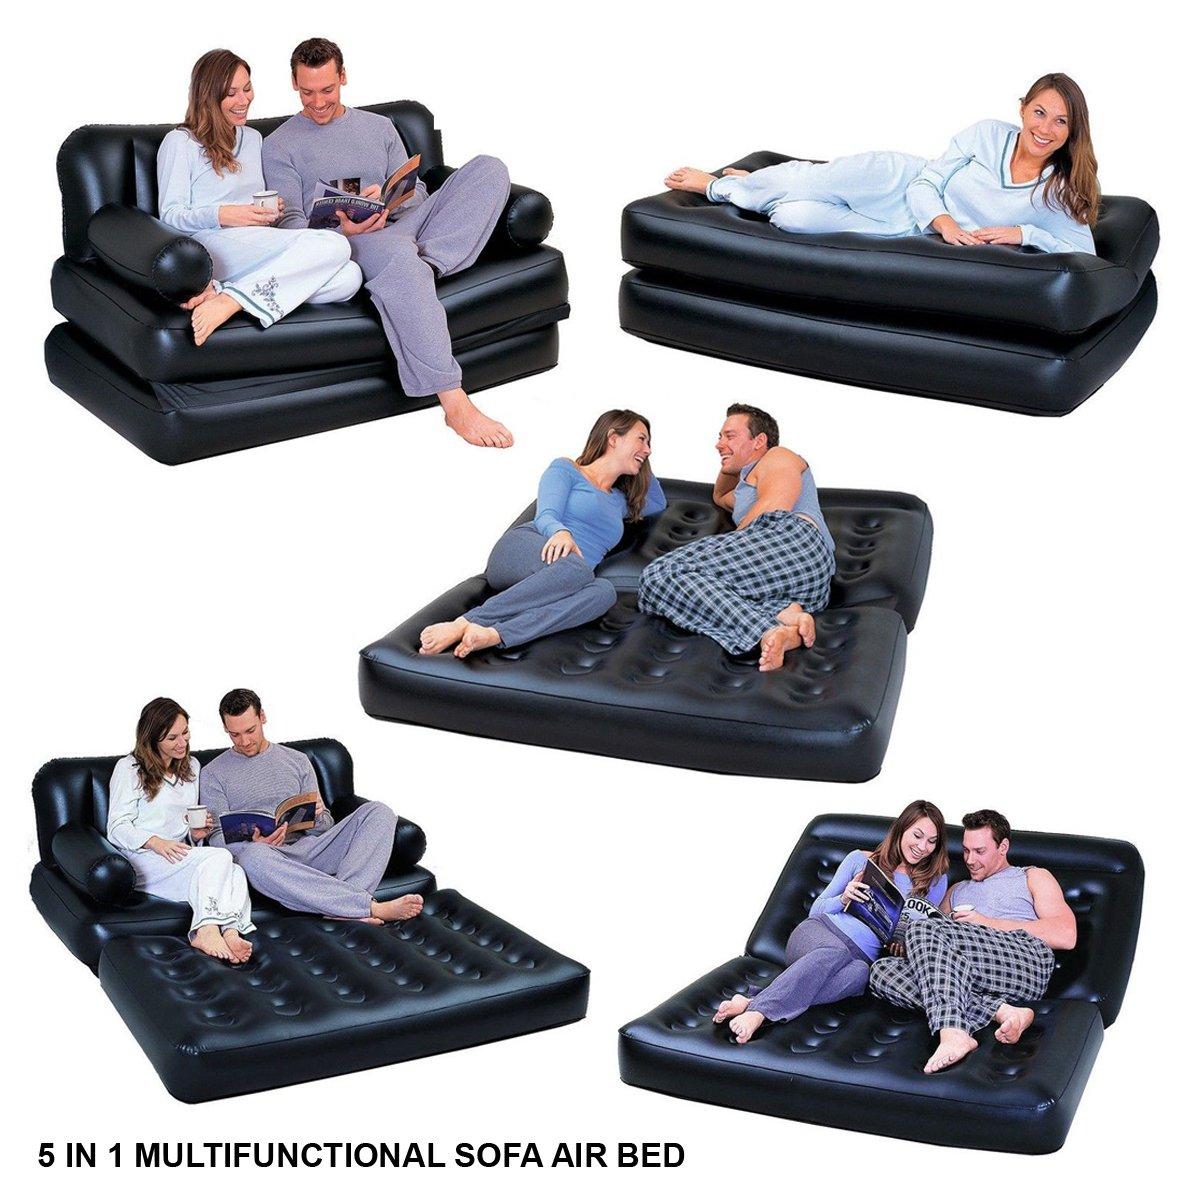 Hinchable multifunción 5 en 1. Doble cama de aire, sofá ...